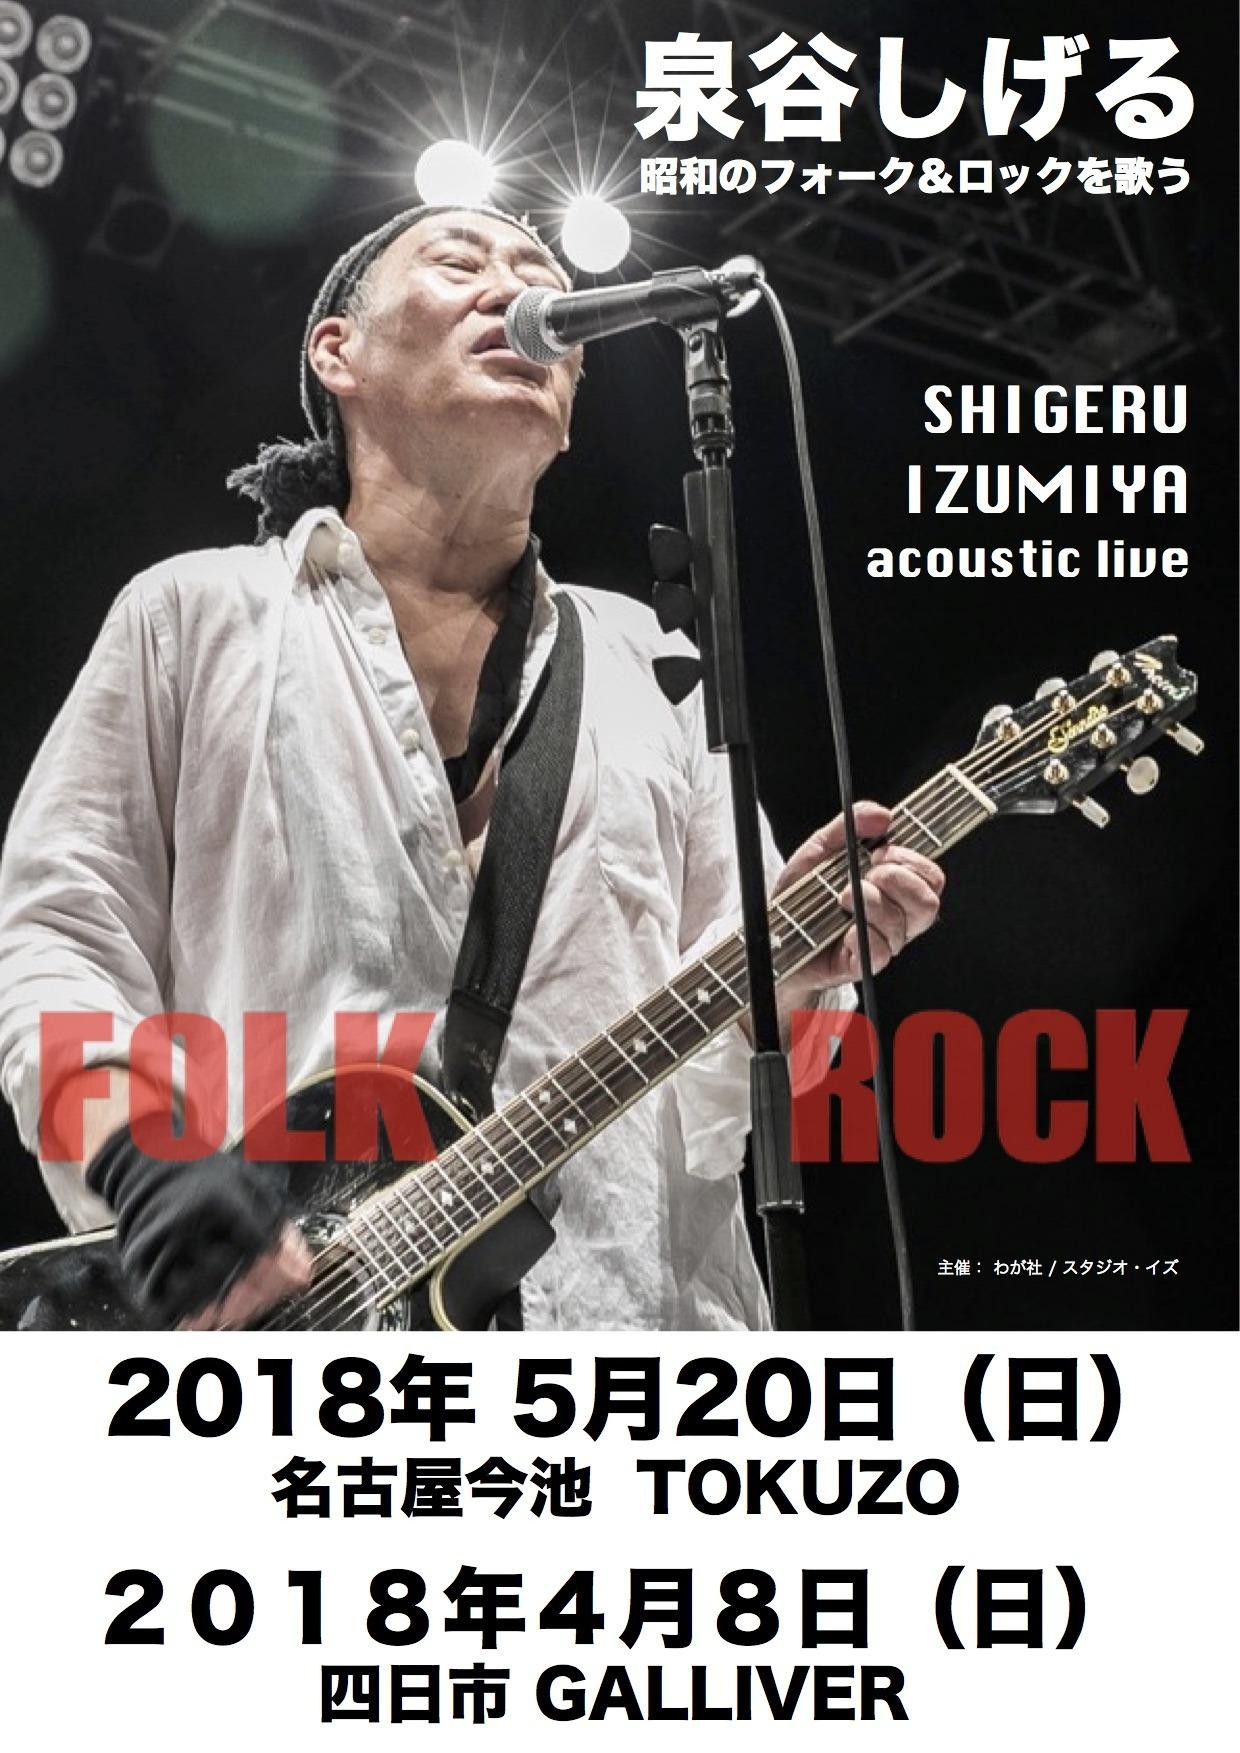 izumiya2018.jpg